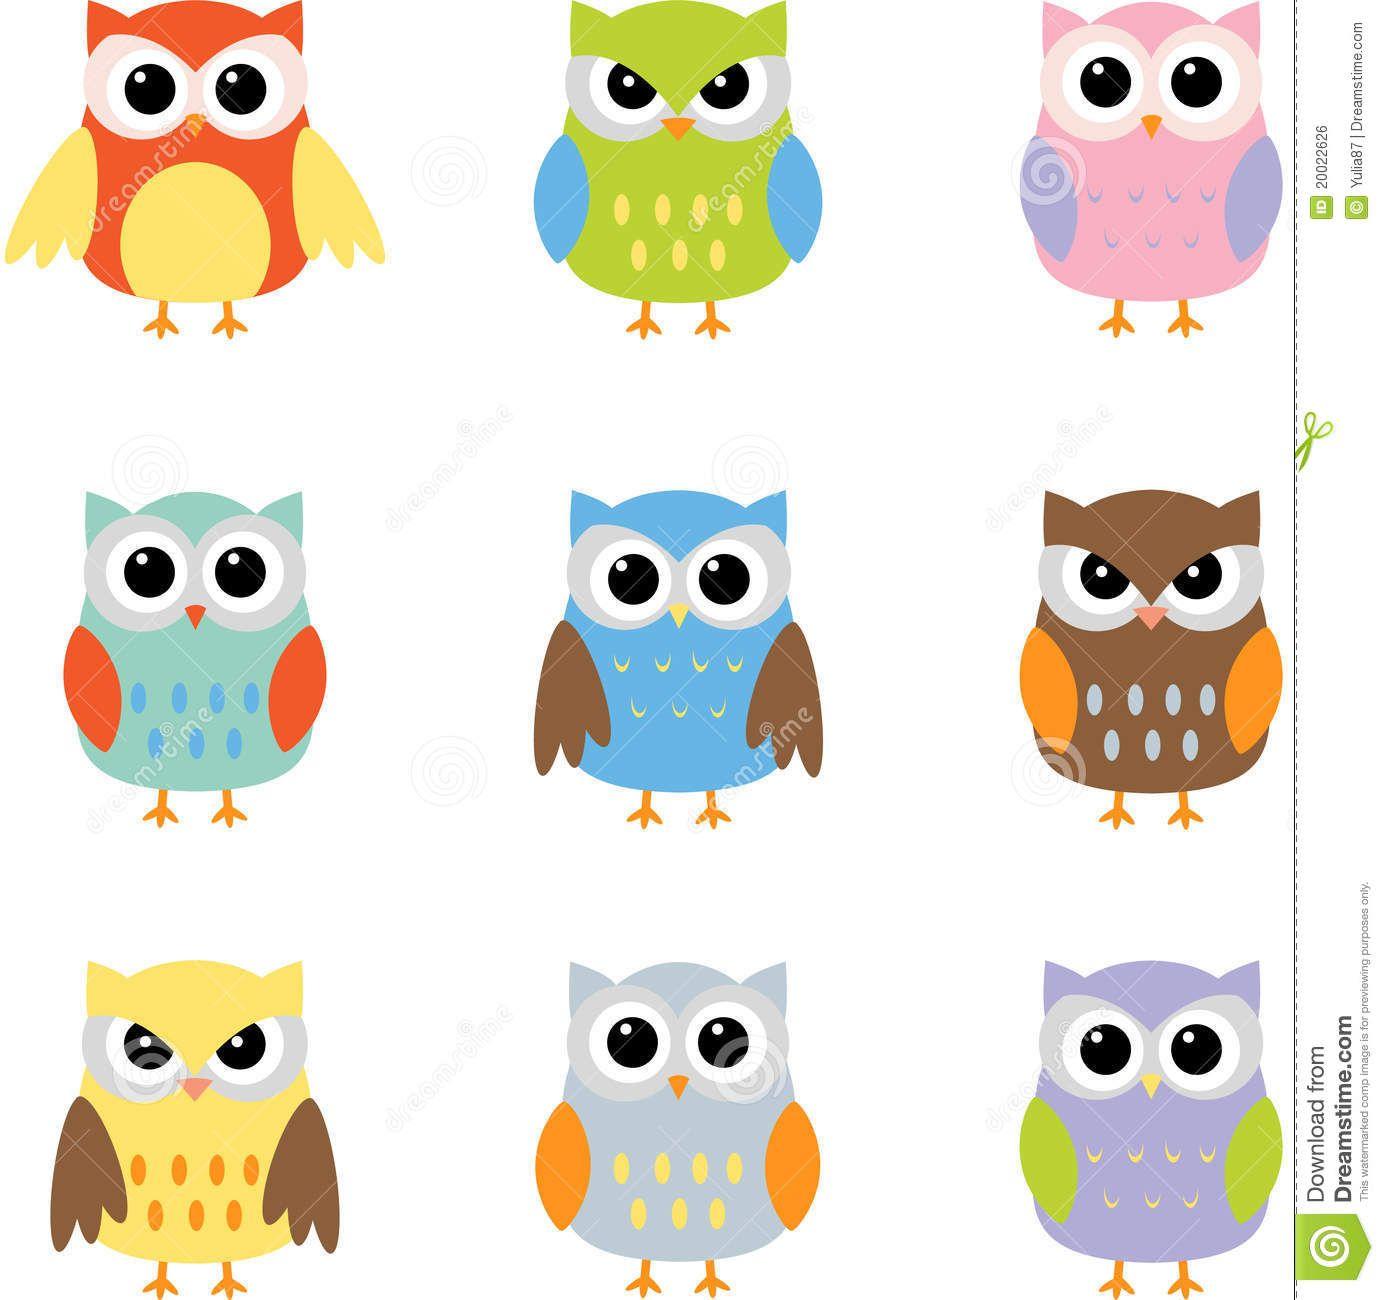 Bekannt owl clip art templates   Image libre de droits: Clipart (images  JC98